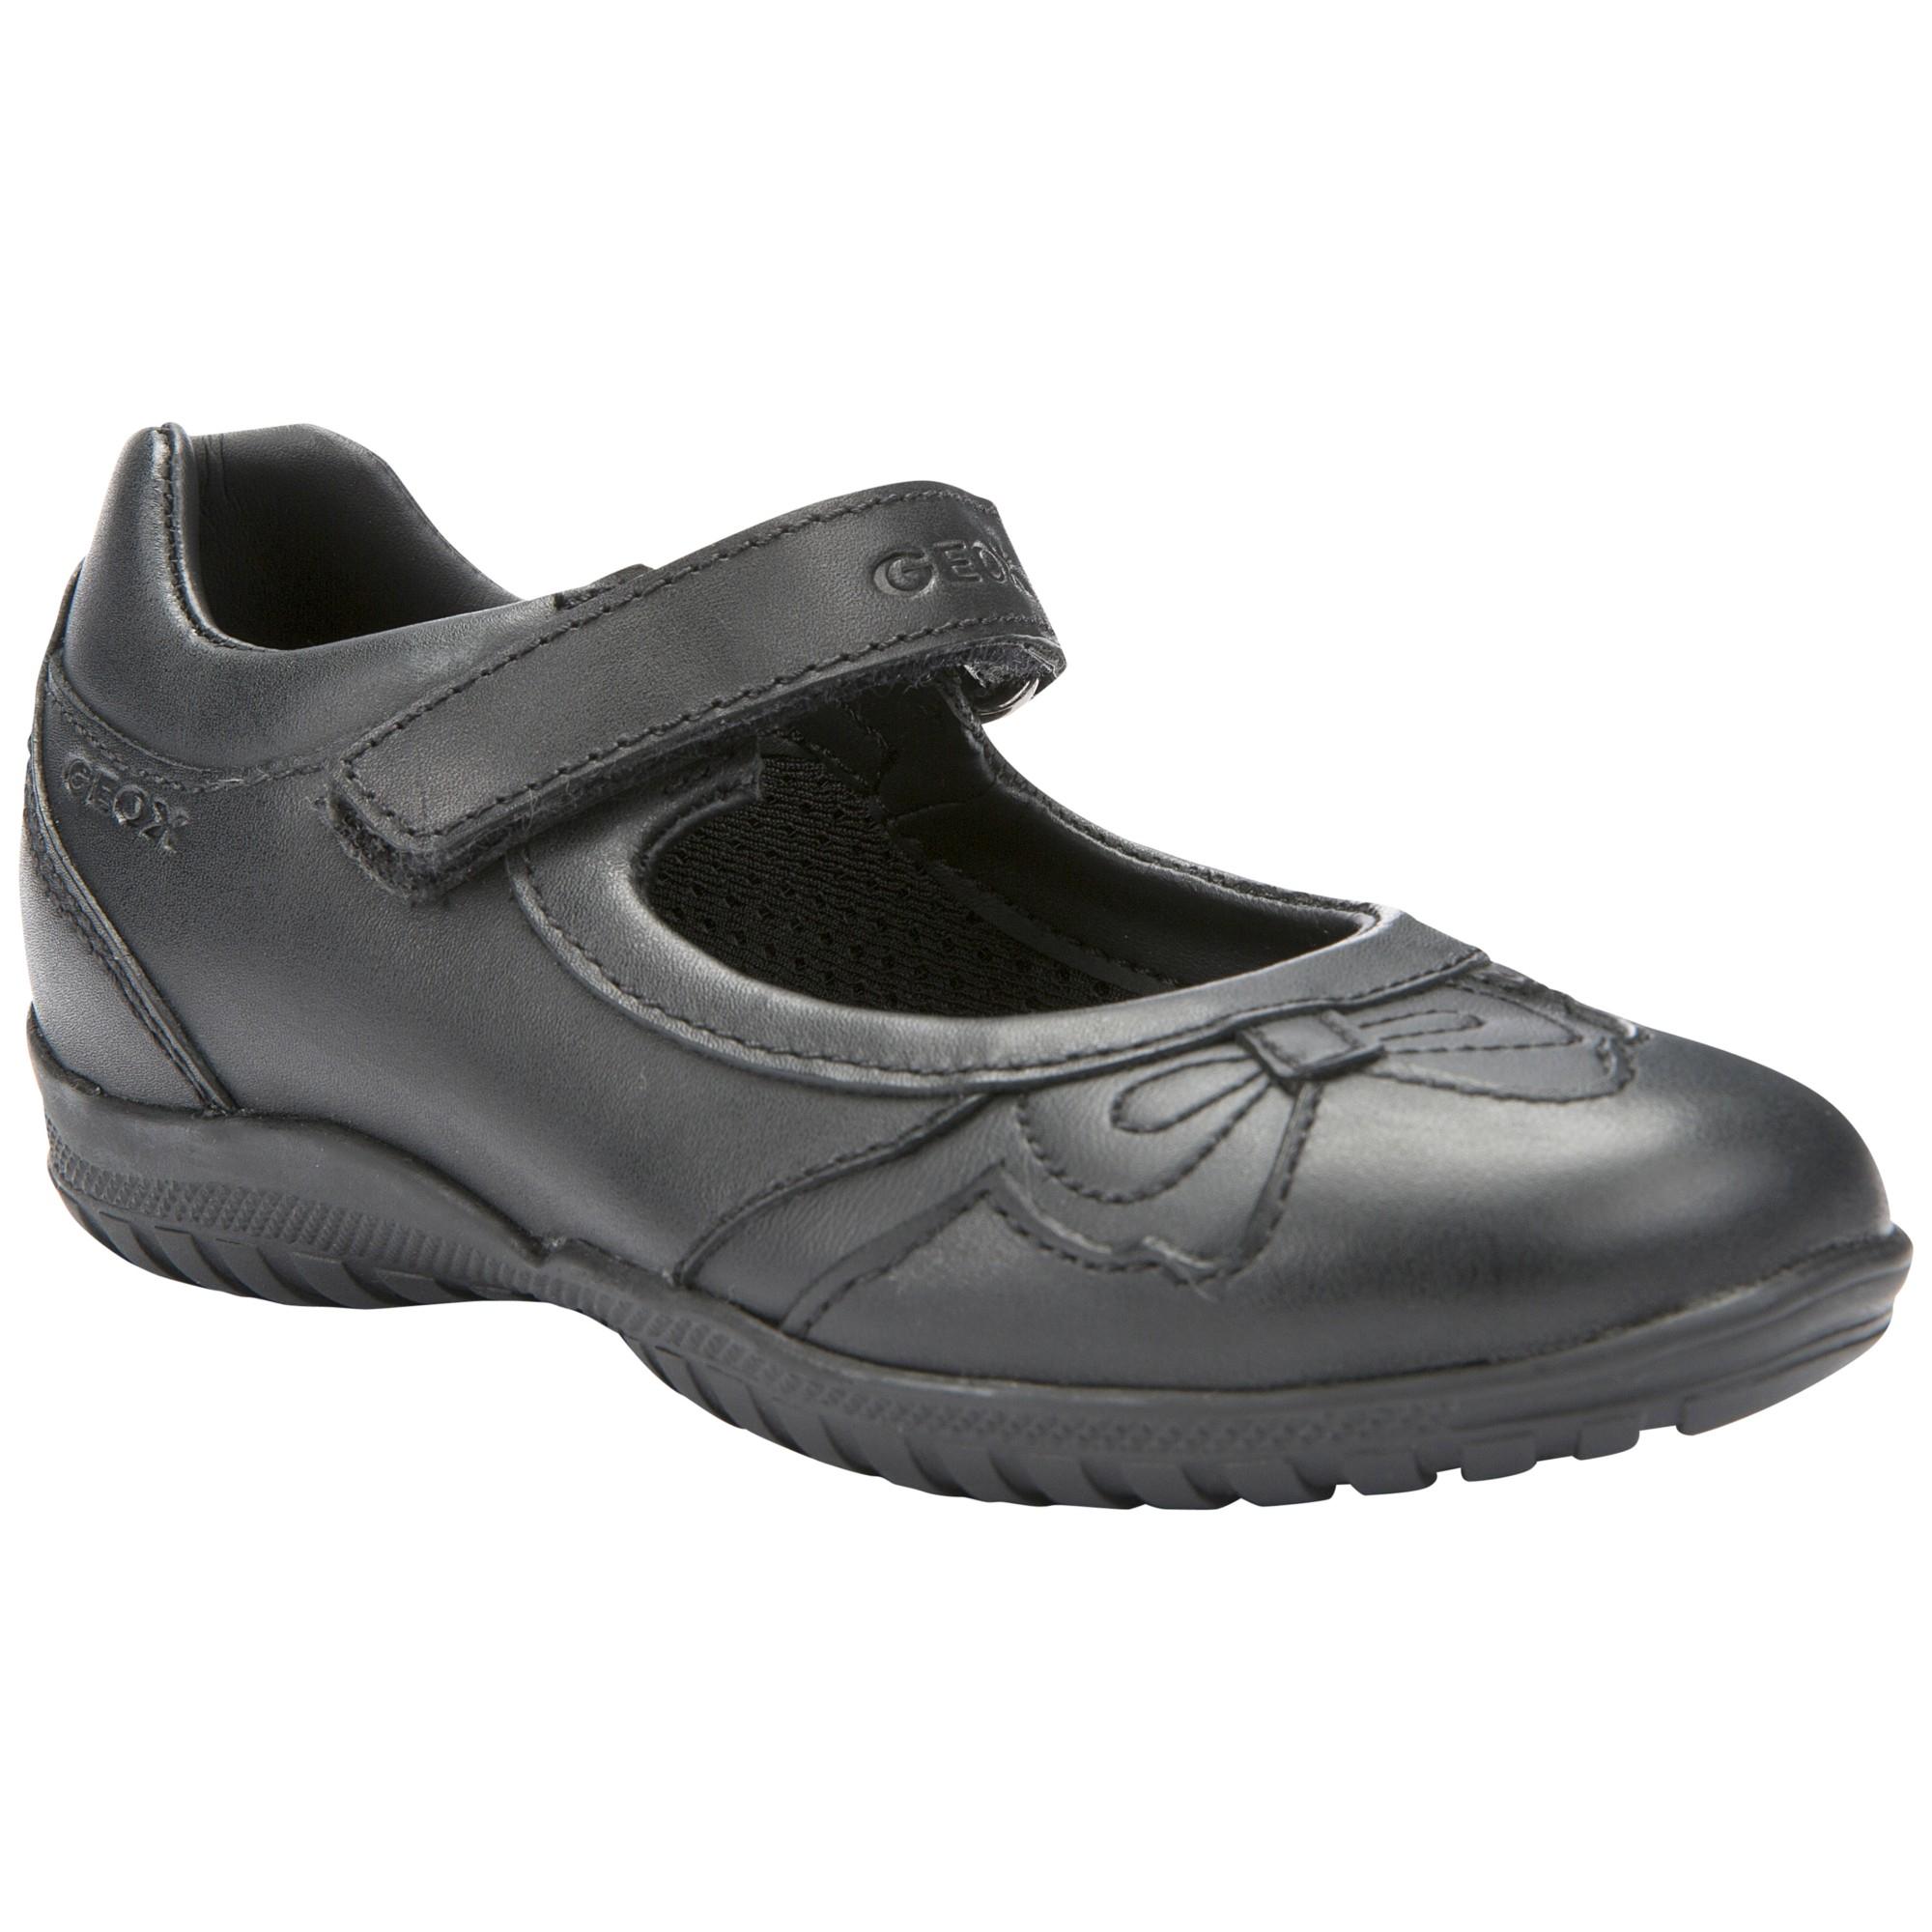 aca81f540 Geox Shadow Bow Shoes in Black - Lyst